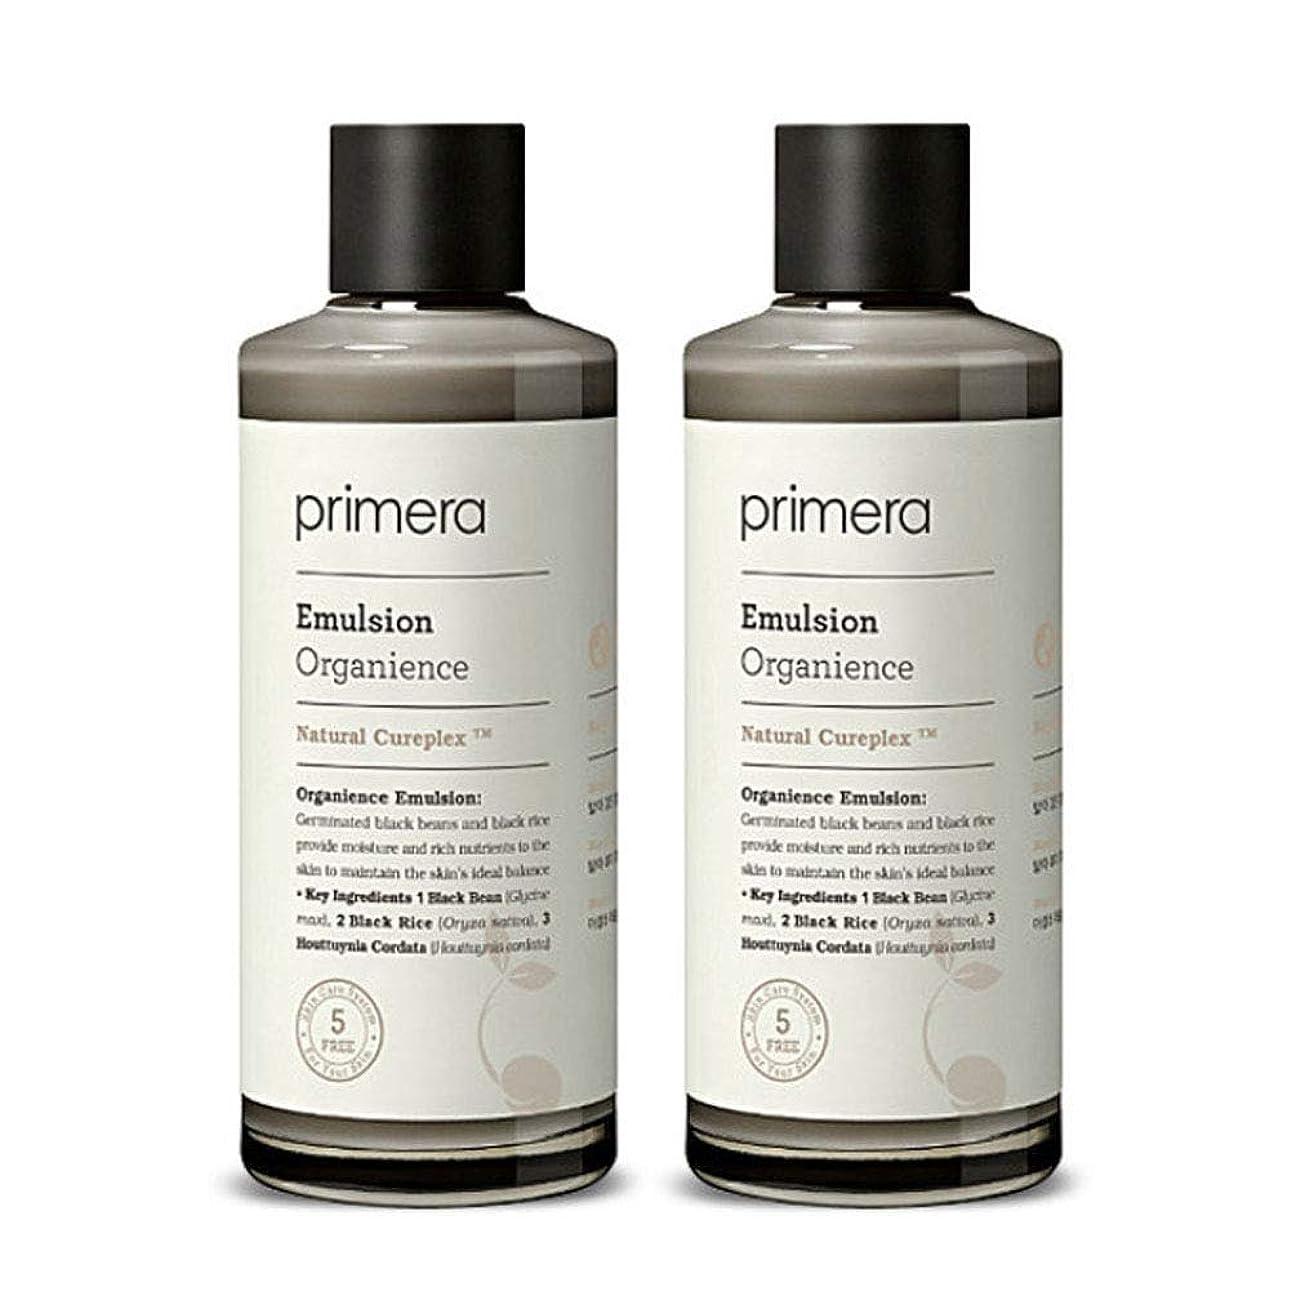 エアコン表示調和プリメラオカニオンスエマルジョン150ml x 2本セット、Primera Organience Emulsion 150ml x 2ea Set [並行輸入品]